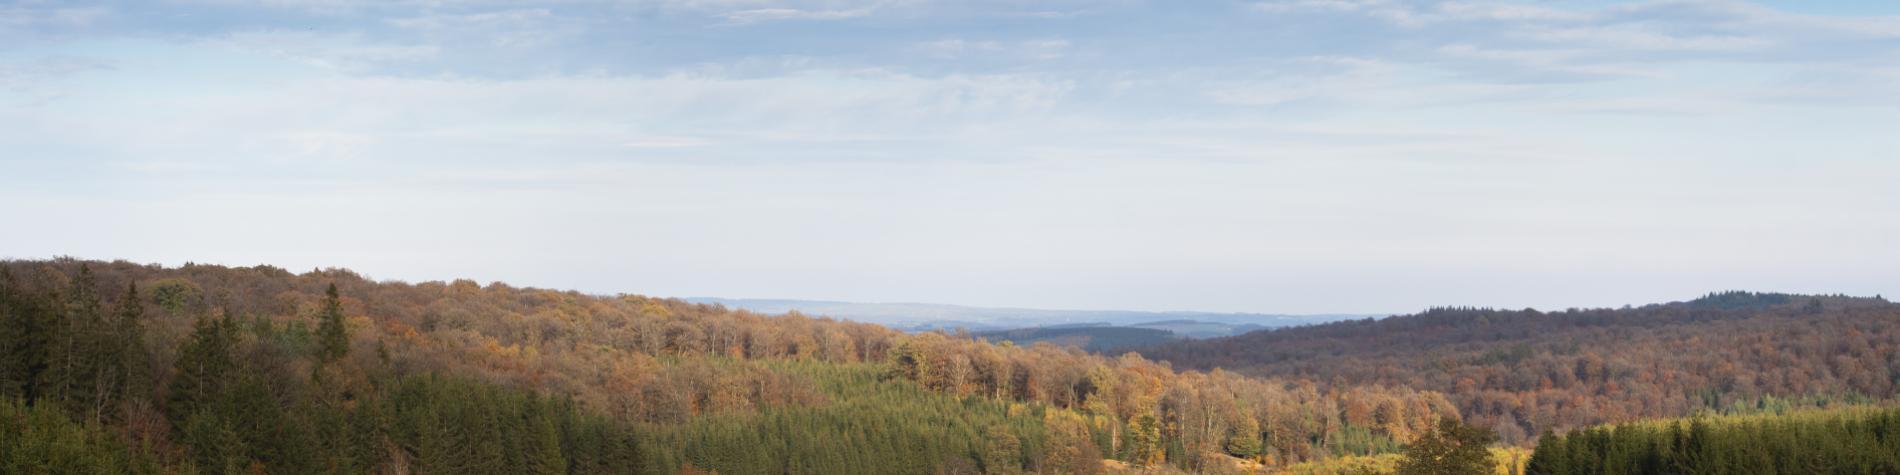 Maison du Tourisme - Sport - Wallonie nature